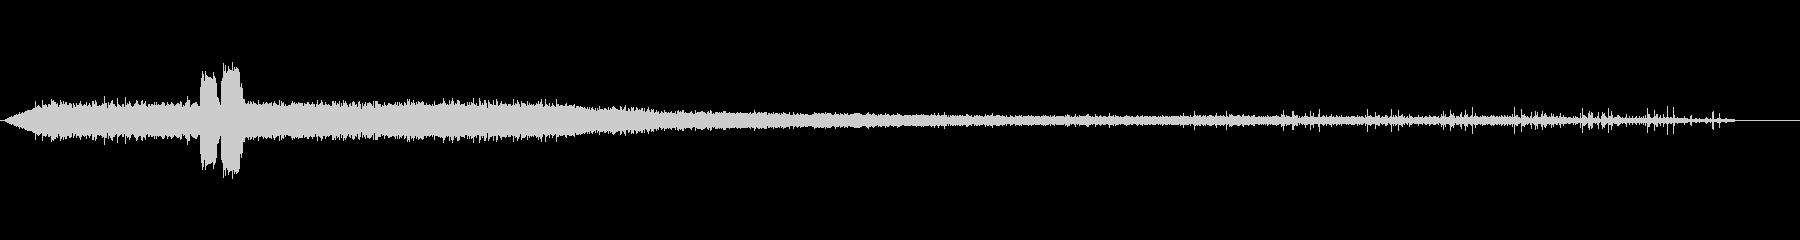 ディーゼル列車-貨物-出発-の未再生の波形